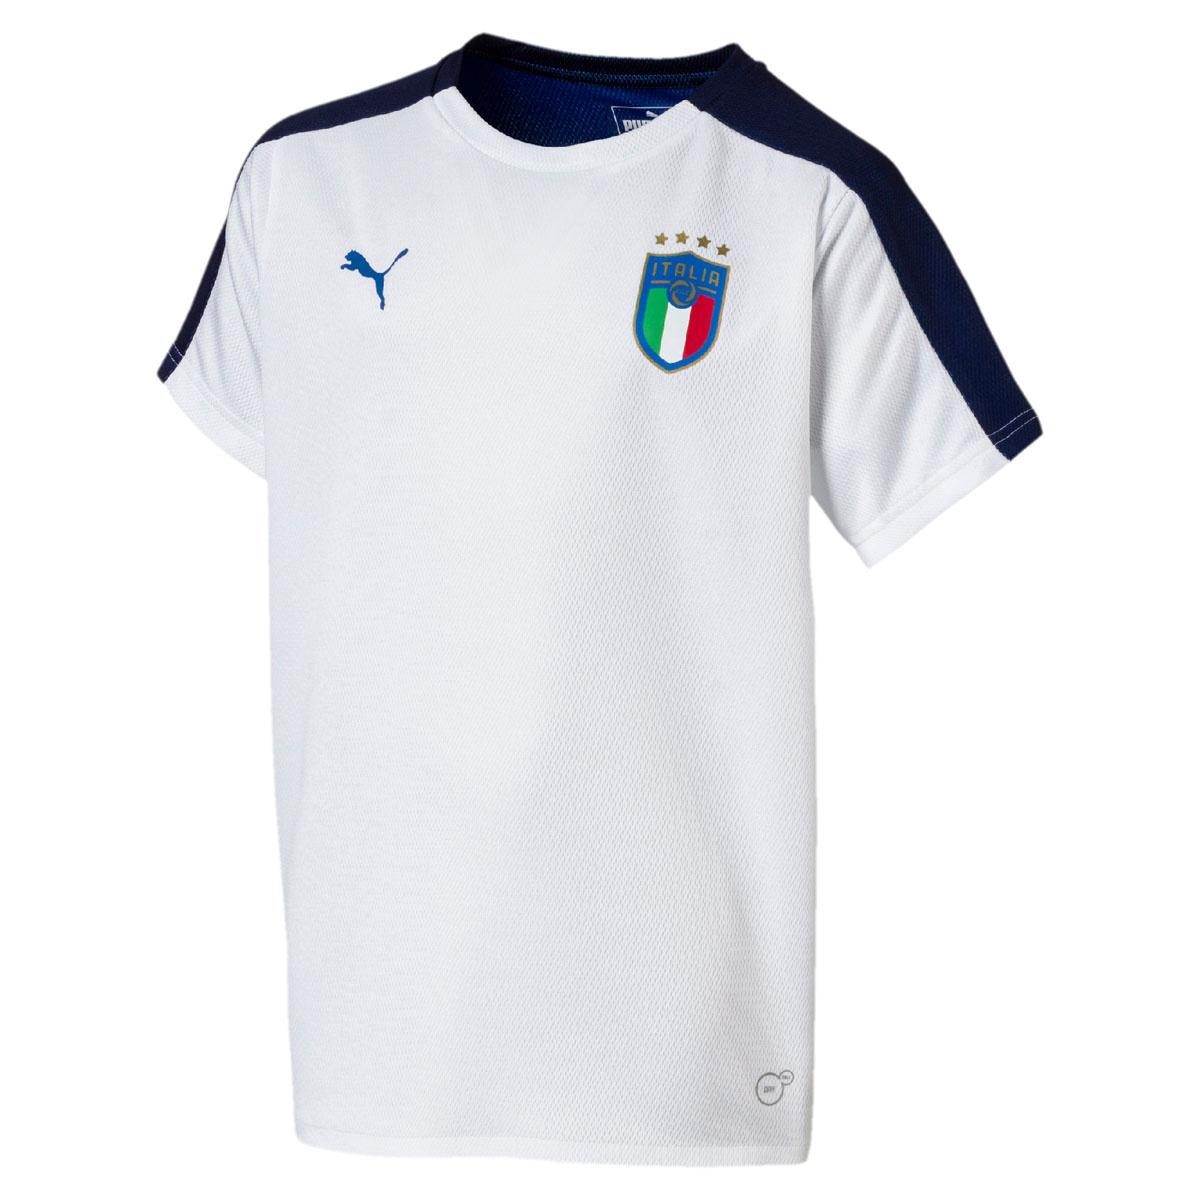 cecfacea0bf1f Футболка PUMA FIGC Italia Jersey SS Jr — купить в интернет-магазине OZON с  быстрой доставкой